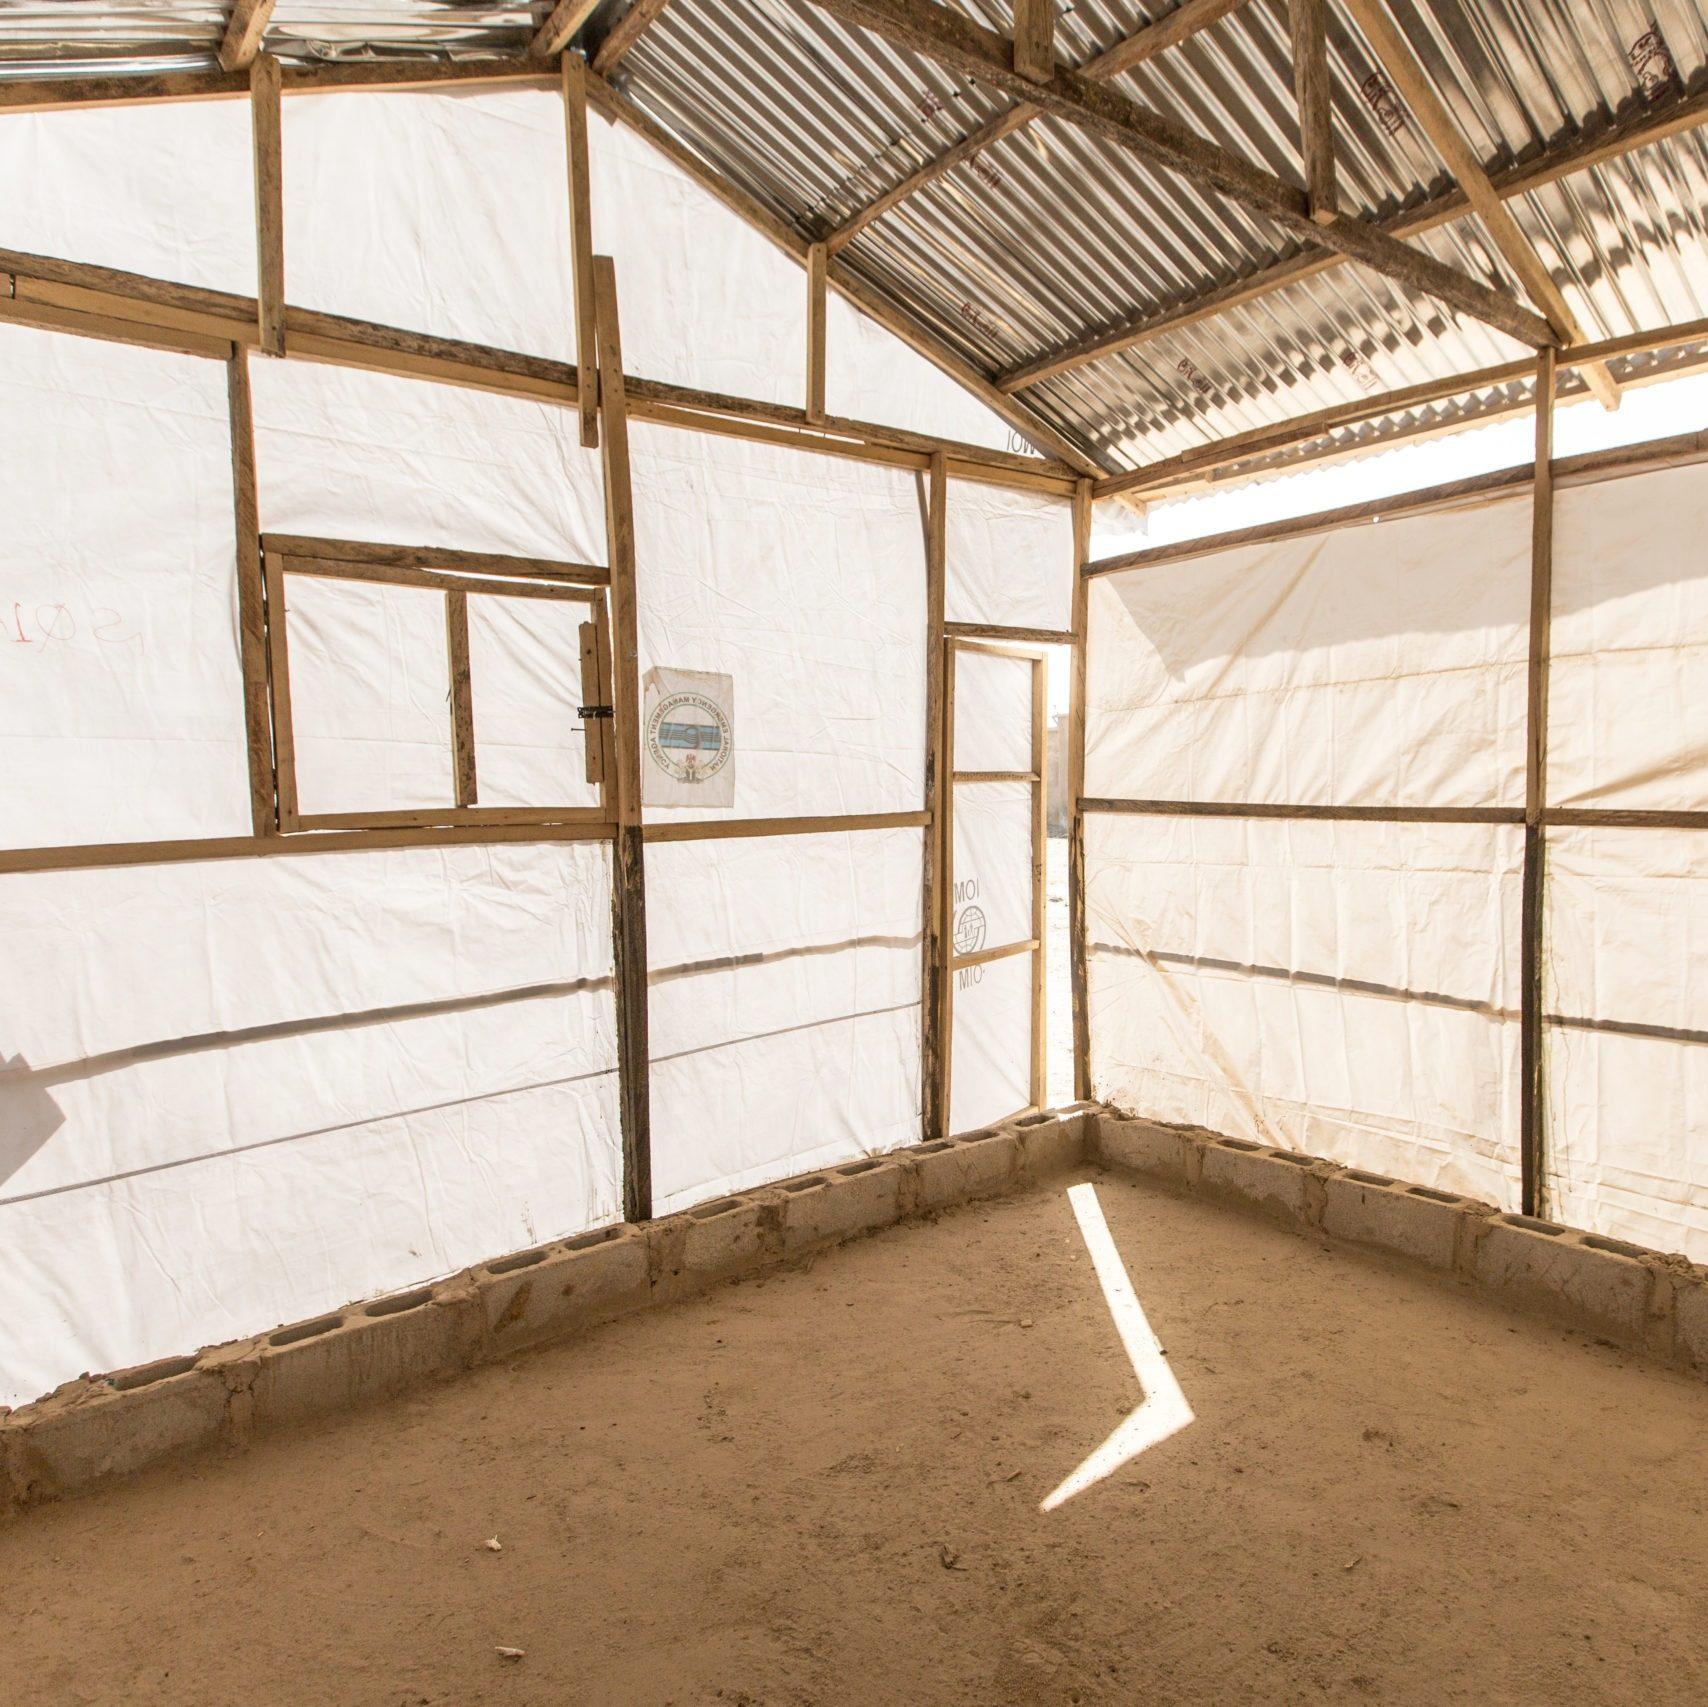 Photo du projet Shelter Projects / Abris humanitaires : soutenir l'auto-assistance avec des ressources limitées de Sheltreprojects.org